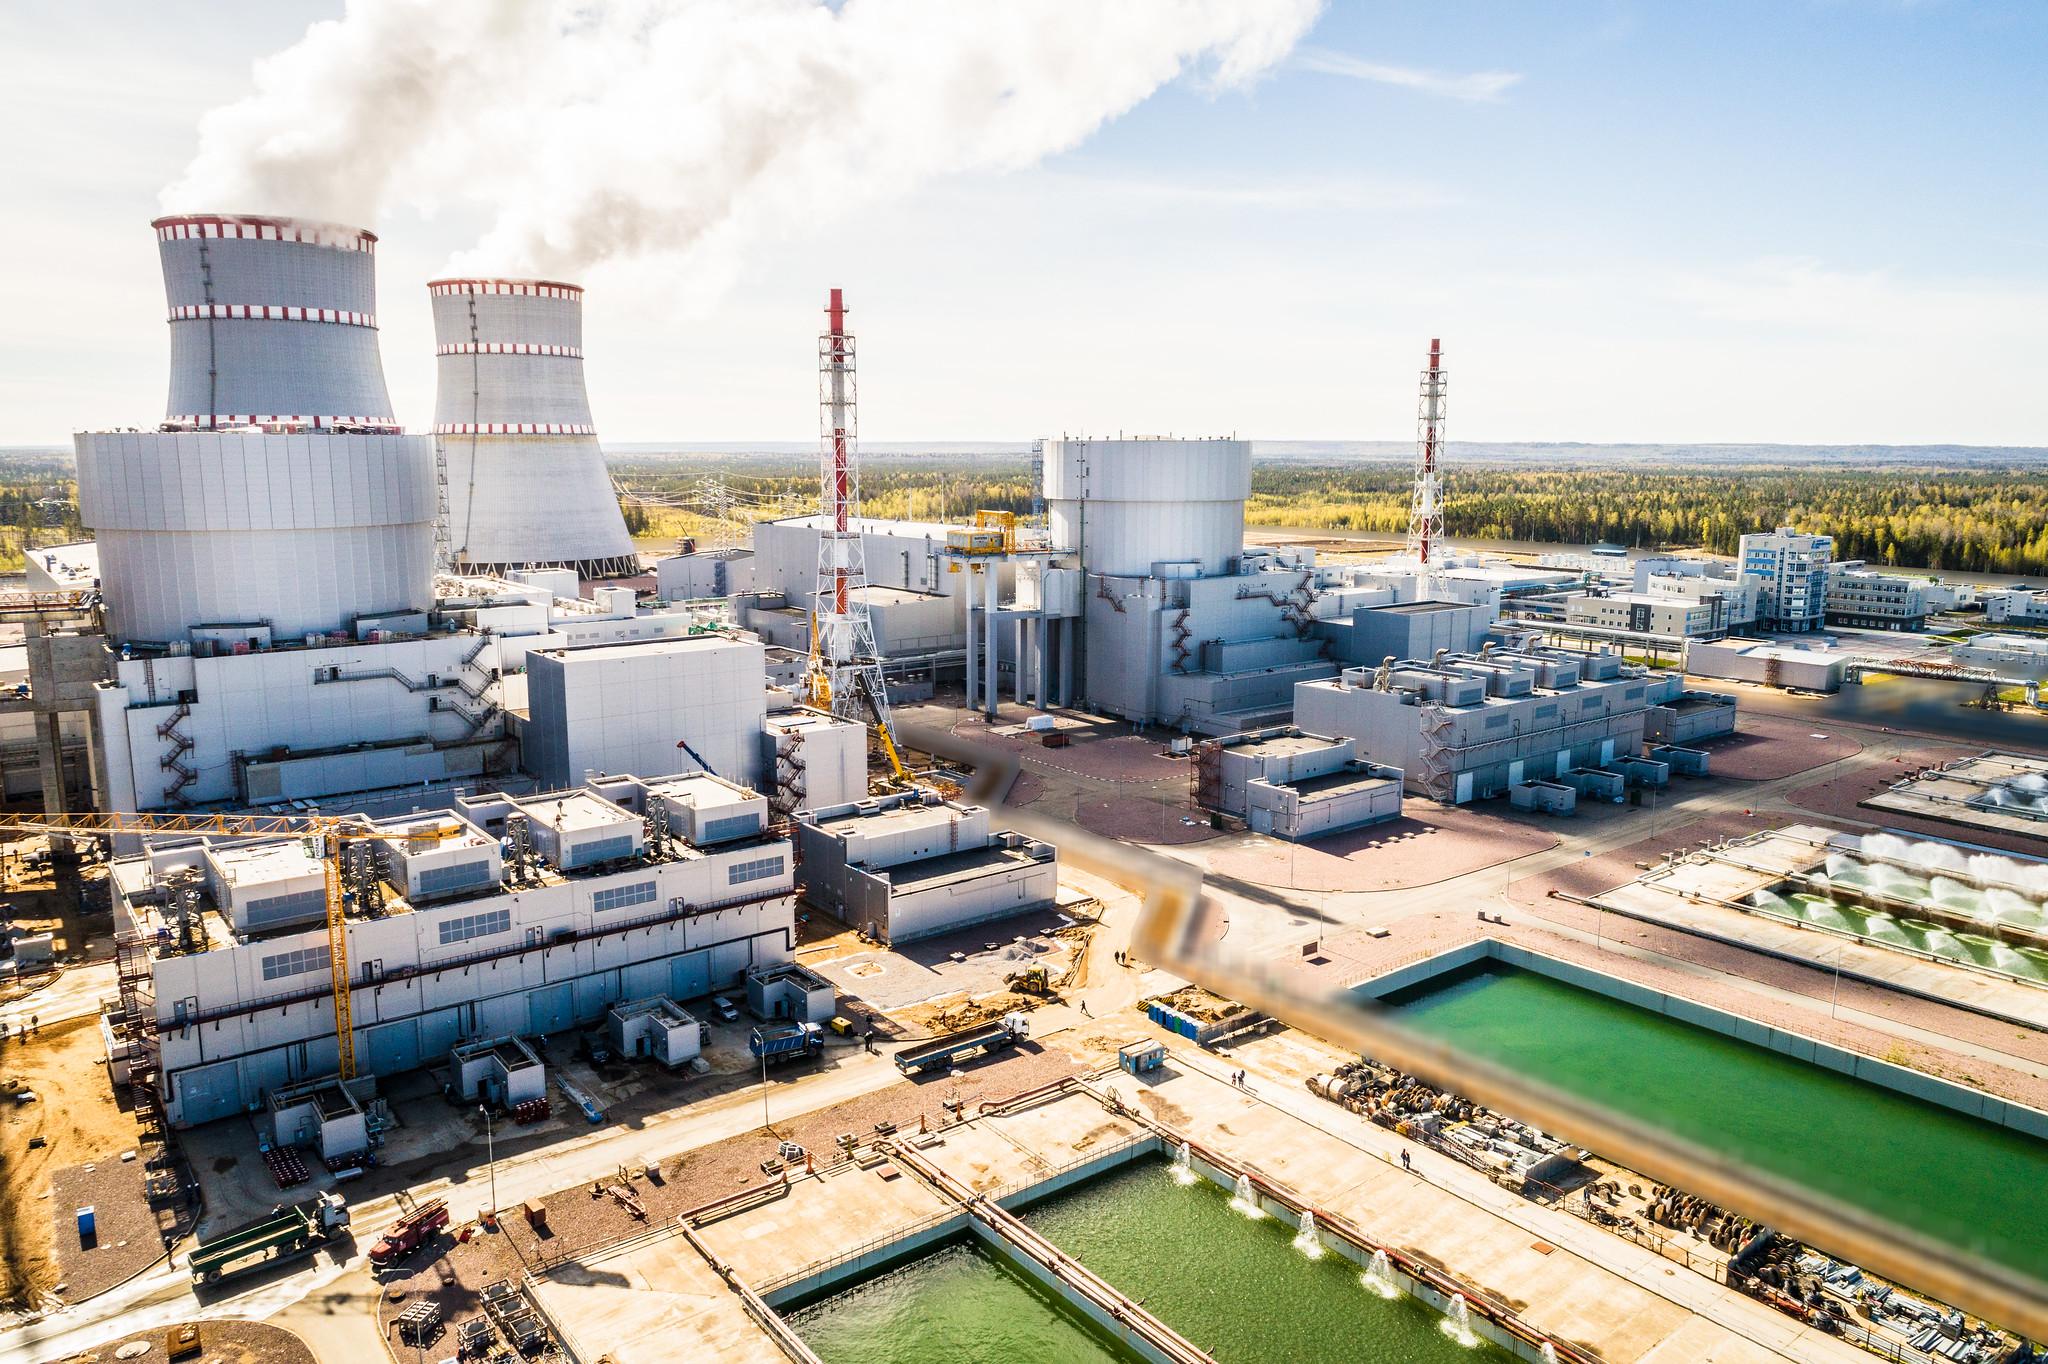 jaderná energie - Nový blok Leningradské jaderné elektrárny s reaktorem VVER-1200 dodal do sítě první elektřinu - Nové bloky ve světě (Pátý a šestý blok Leningradské jaderné elektrárny s reaktory VVER 1200) 2